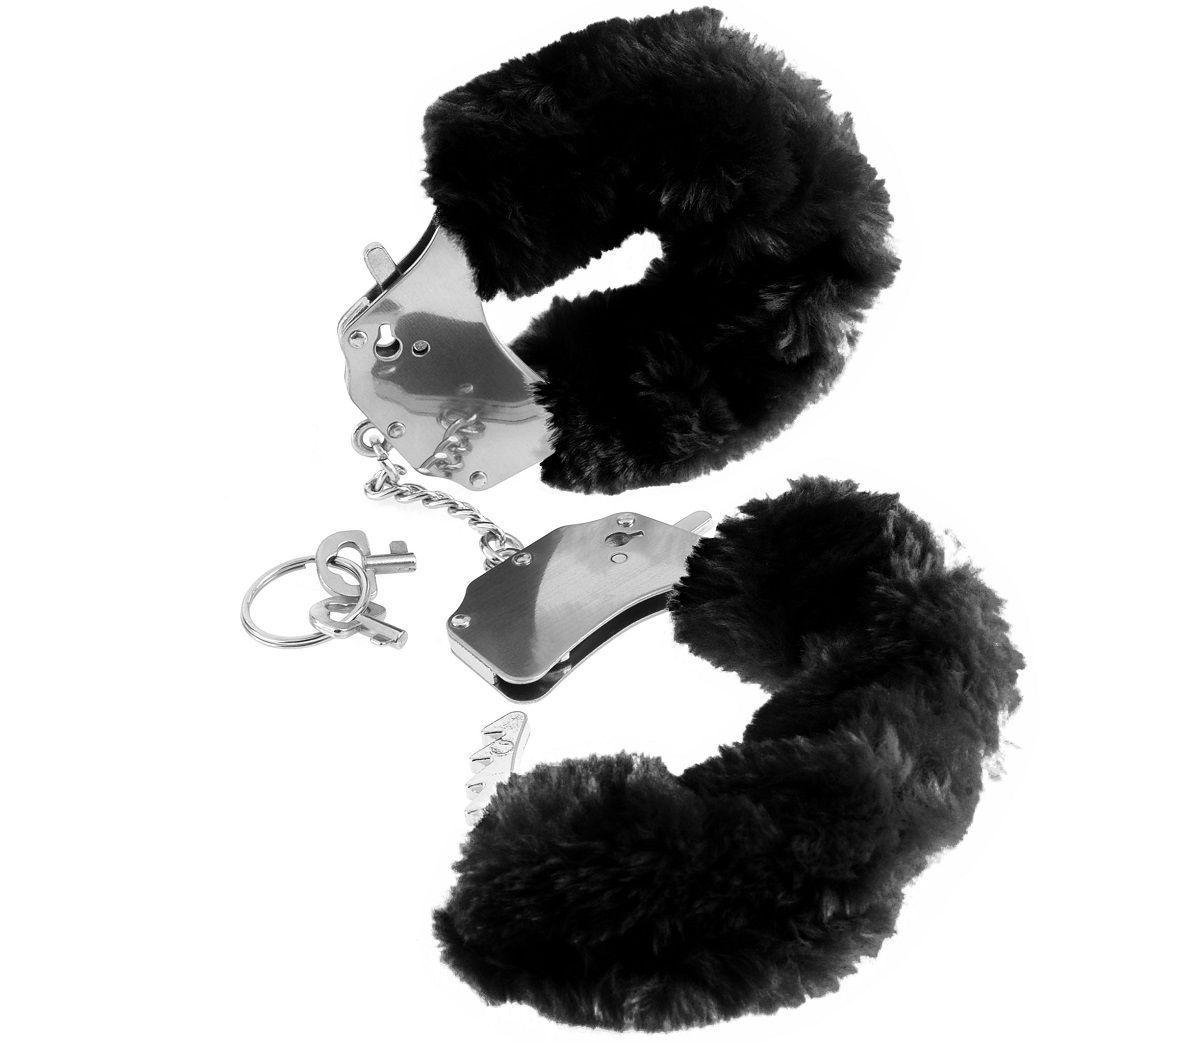 Металлические наручники Furry Love Cuffs с черным мехом - фото 133572